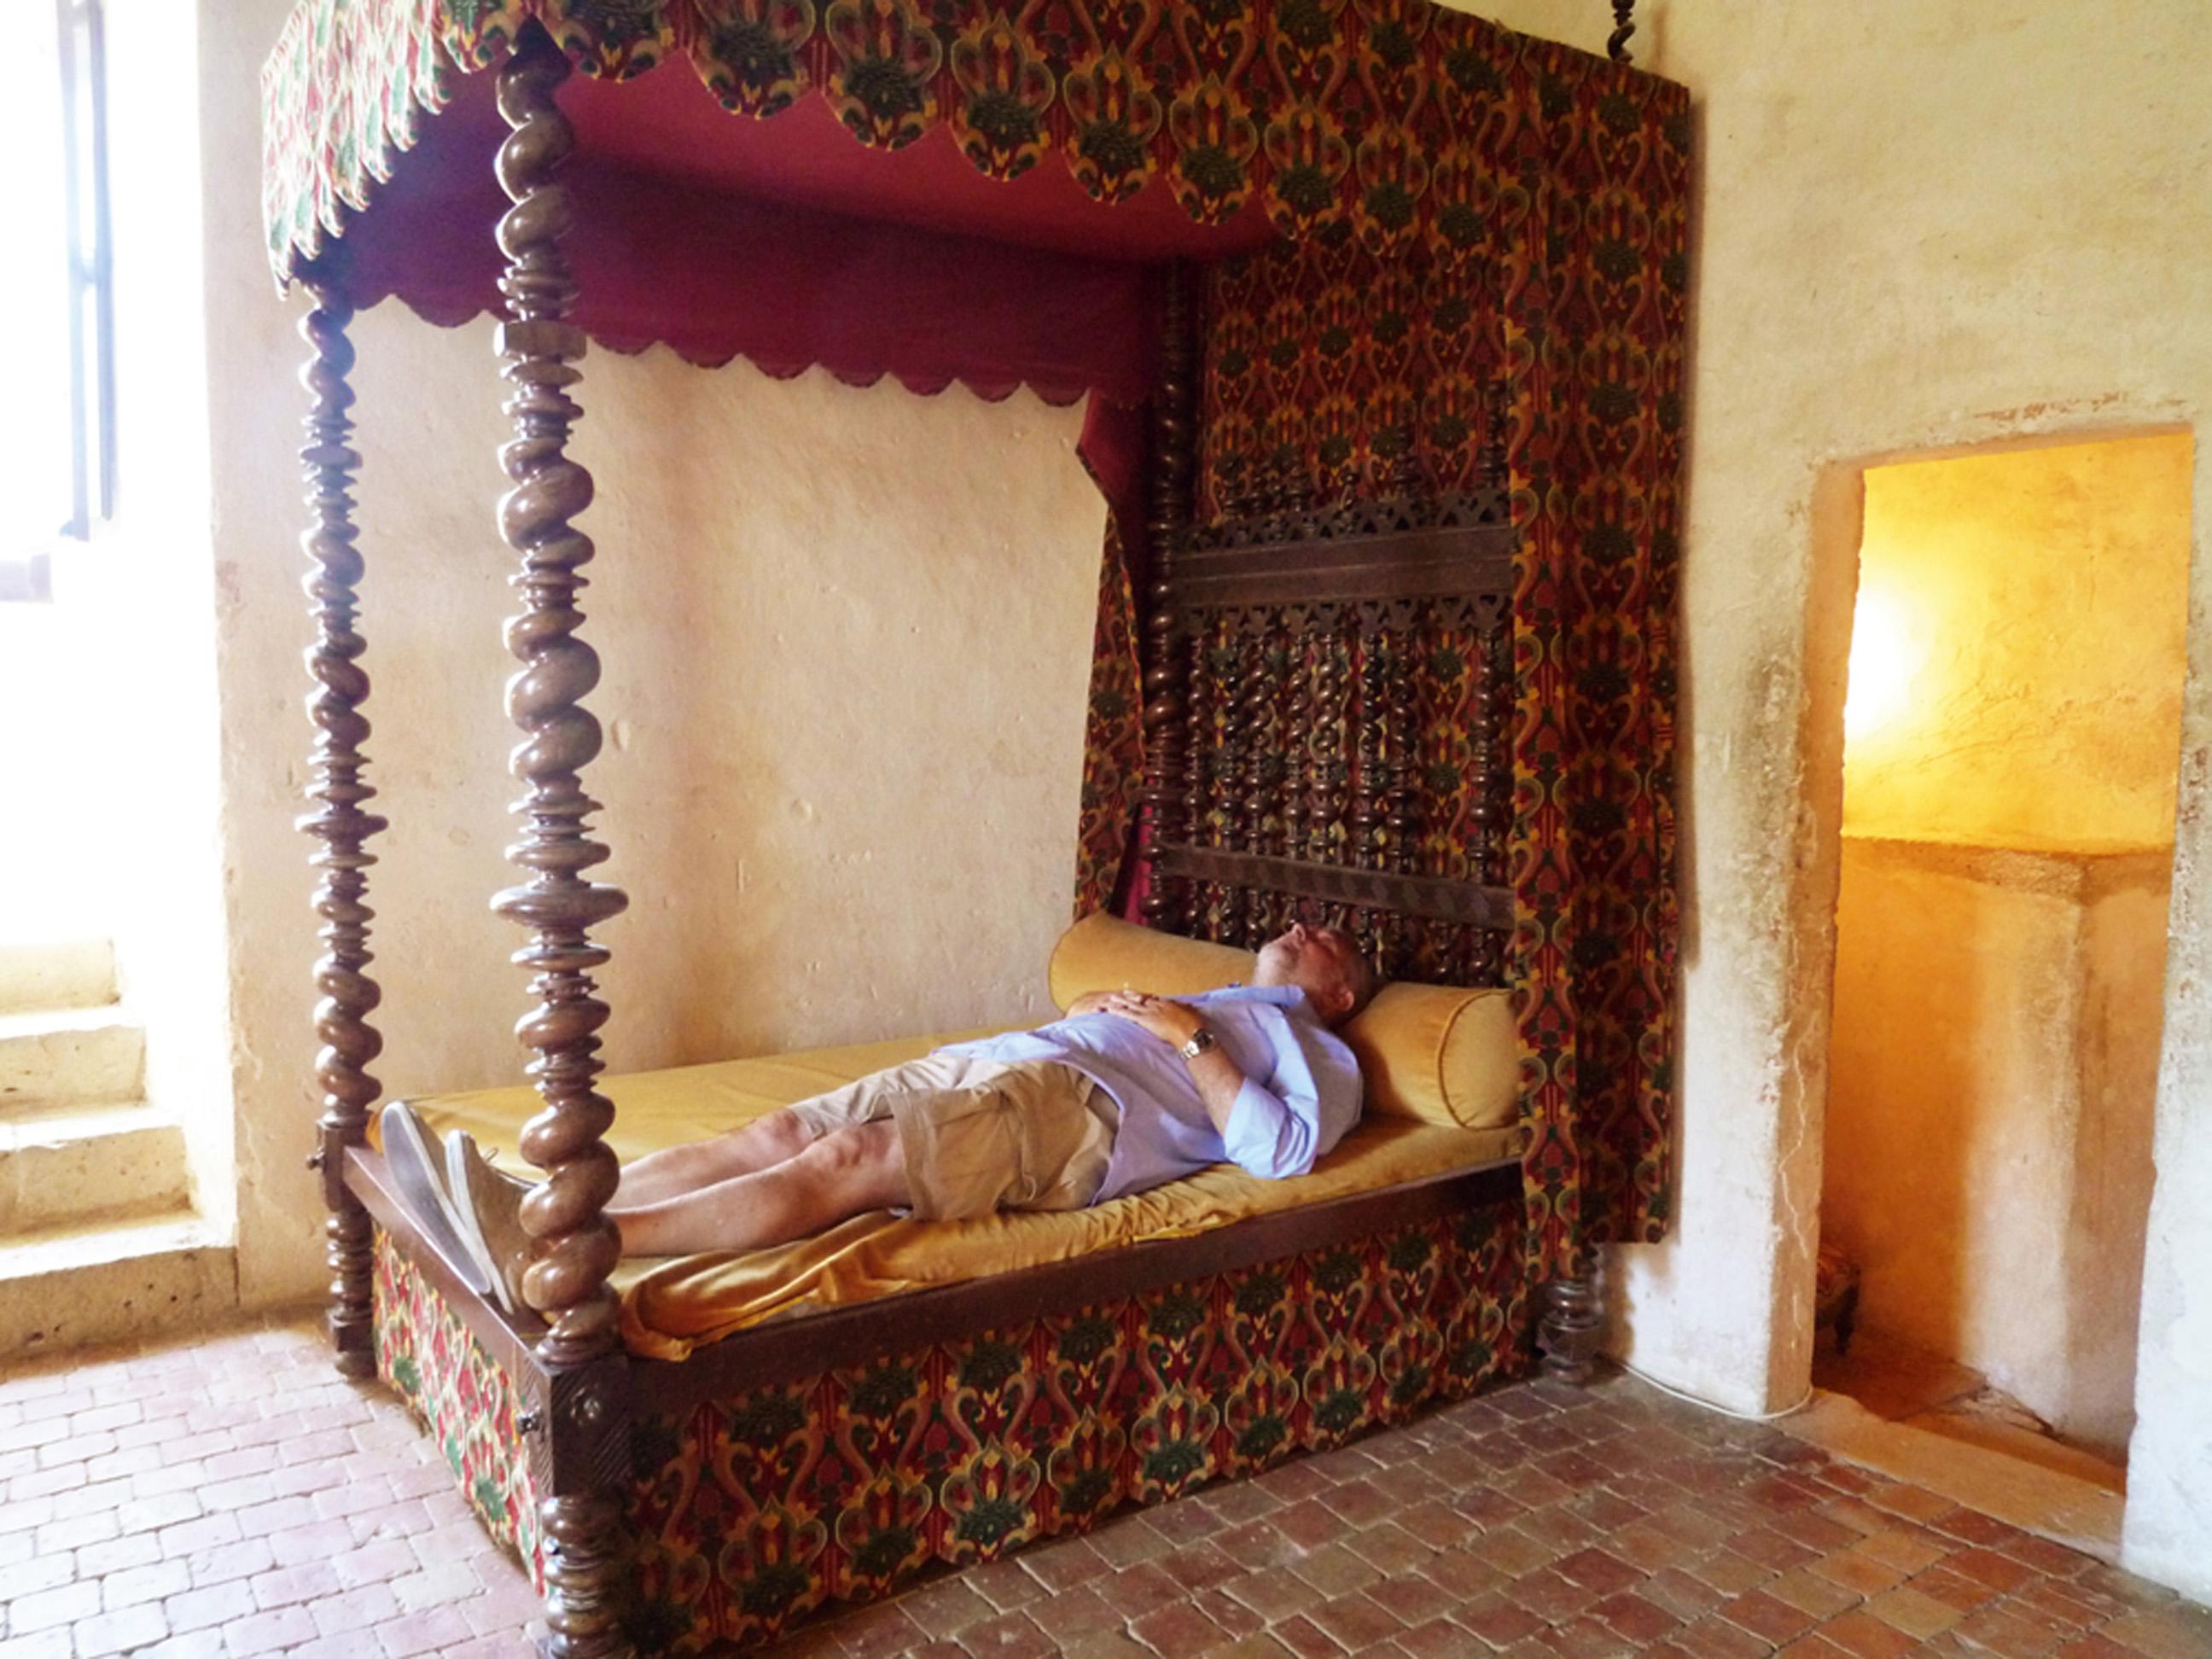 Foto proibida na cama do escritor francês Michel de Montaigne, em Bordeaux, na França, no ano passado